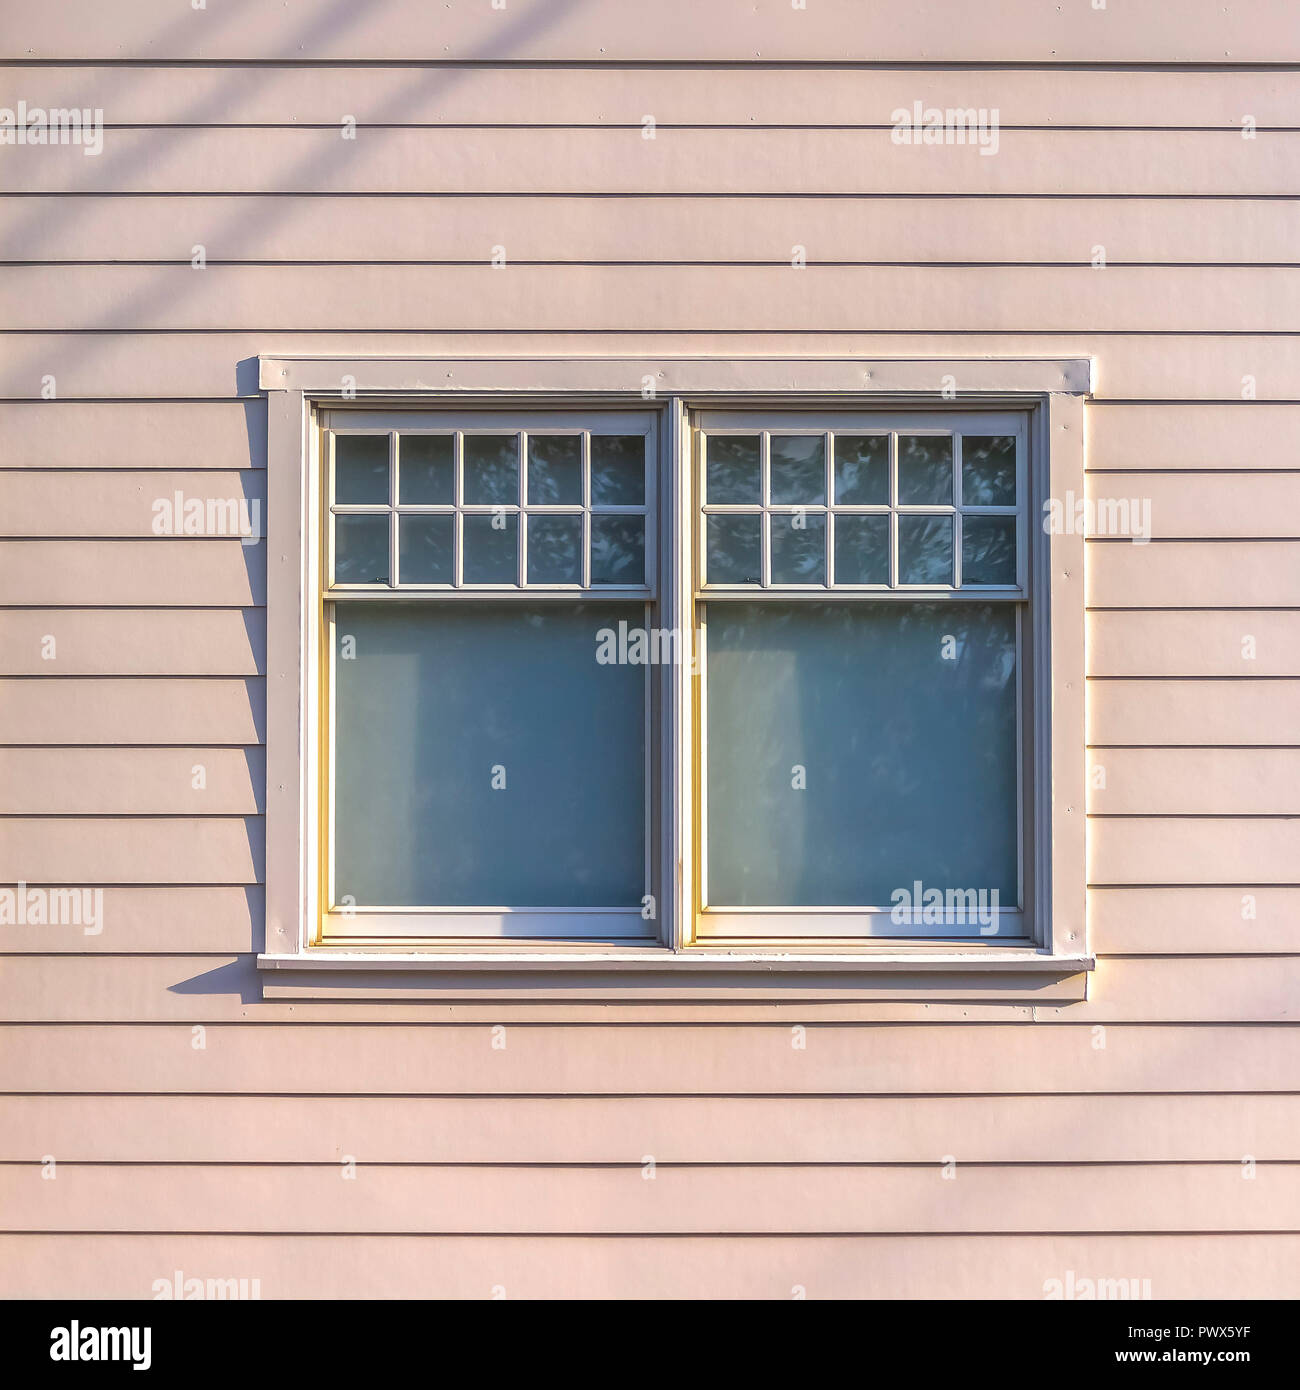 Lève-vitres Diapositive poignée coulissante crochet en laiton pour shash Windows